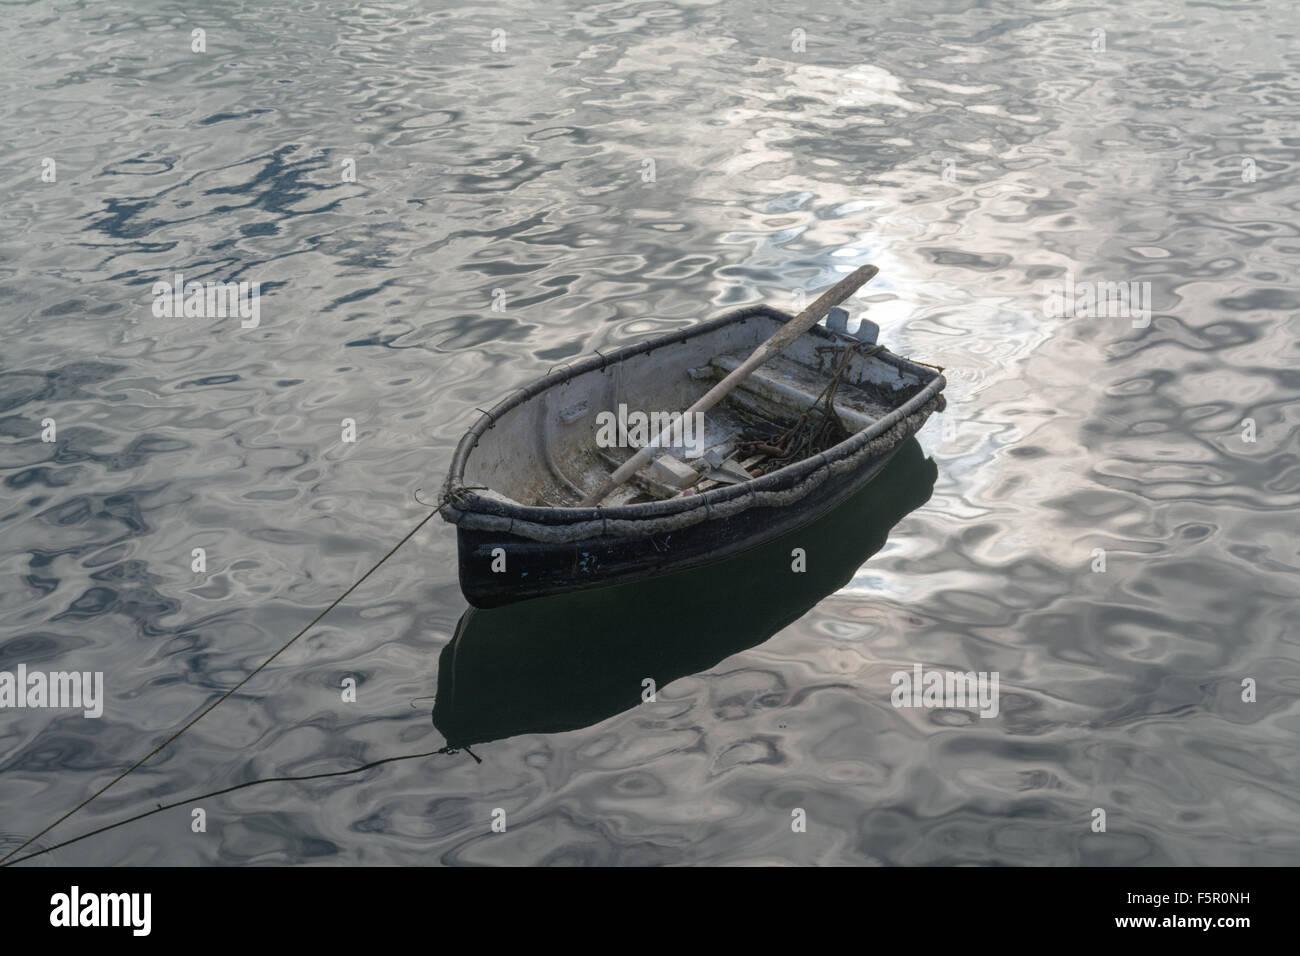 Piccola, vecchia barca a remi in un porto con una luce brillante riflesso da una superficie Immagini Stock